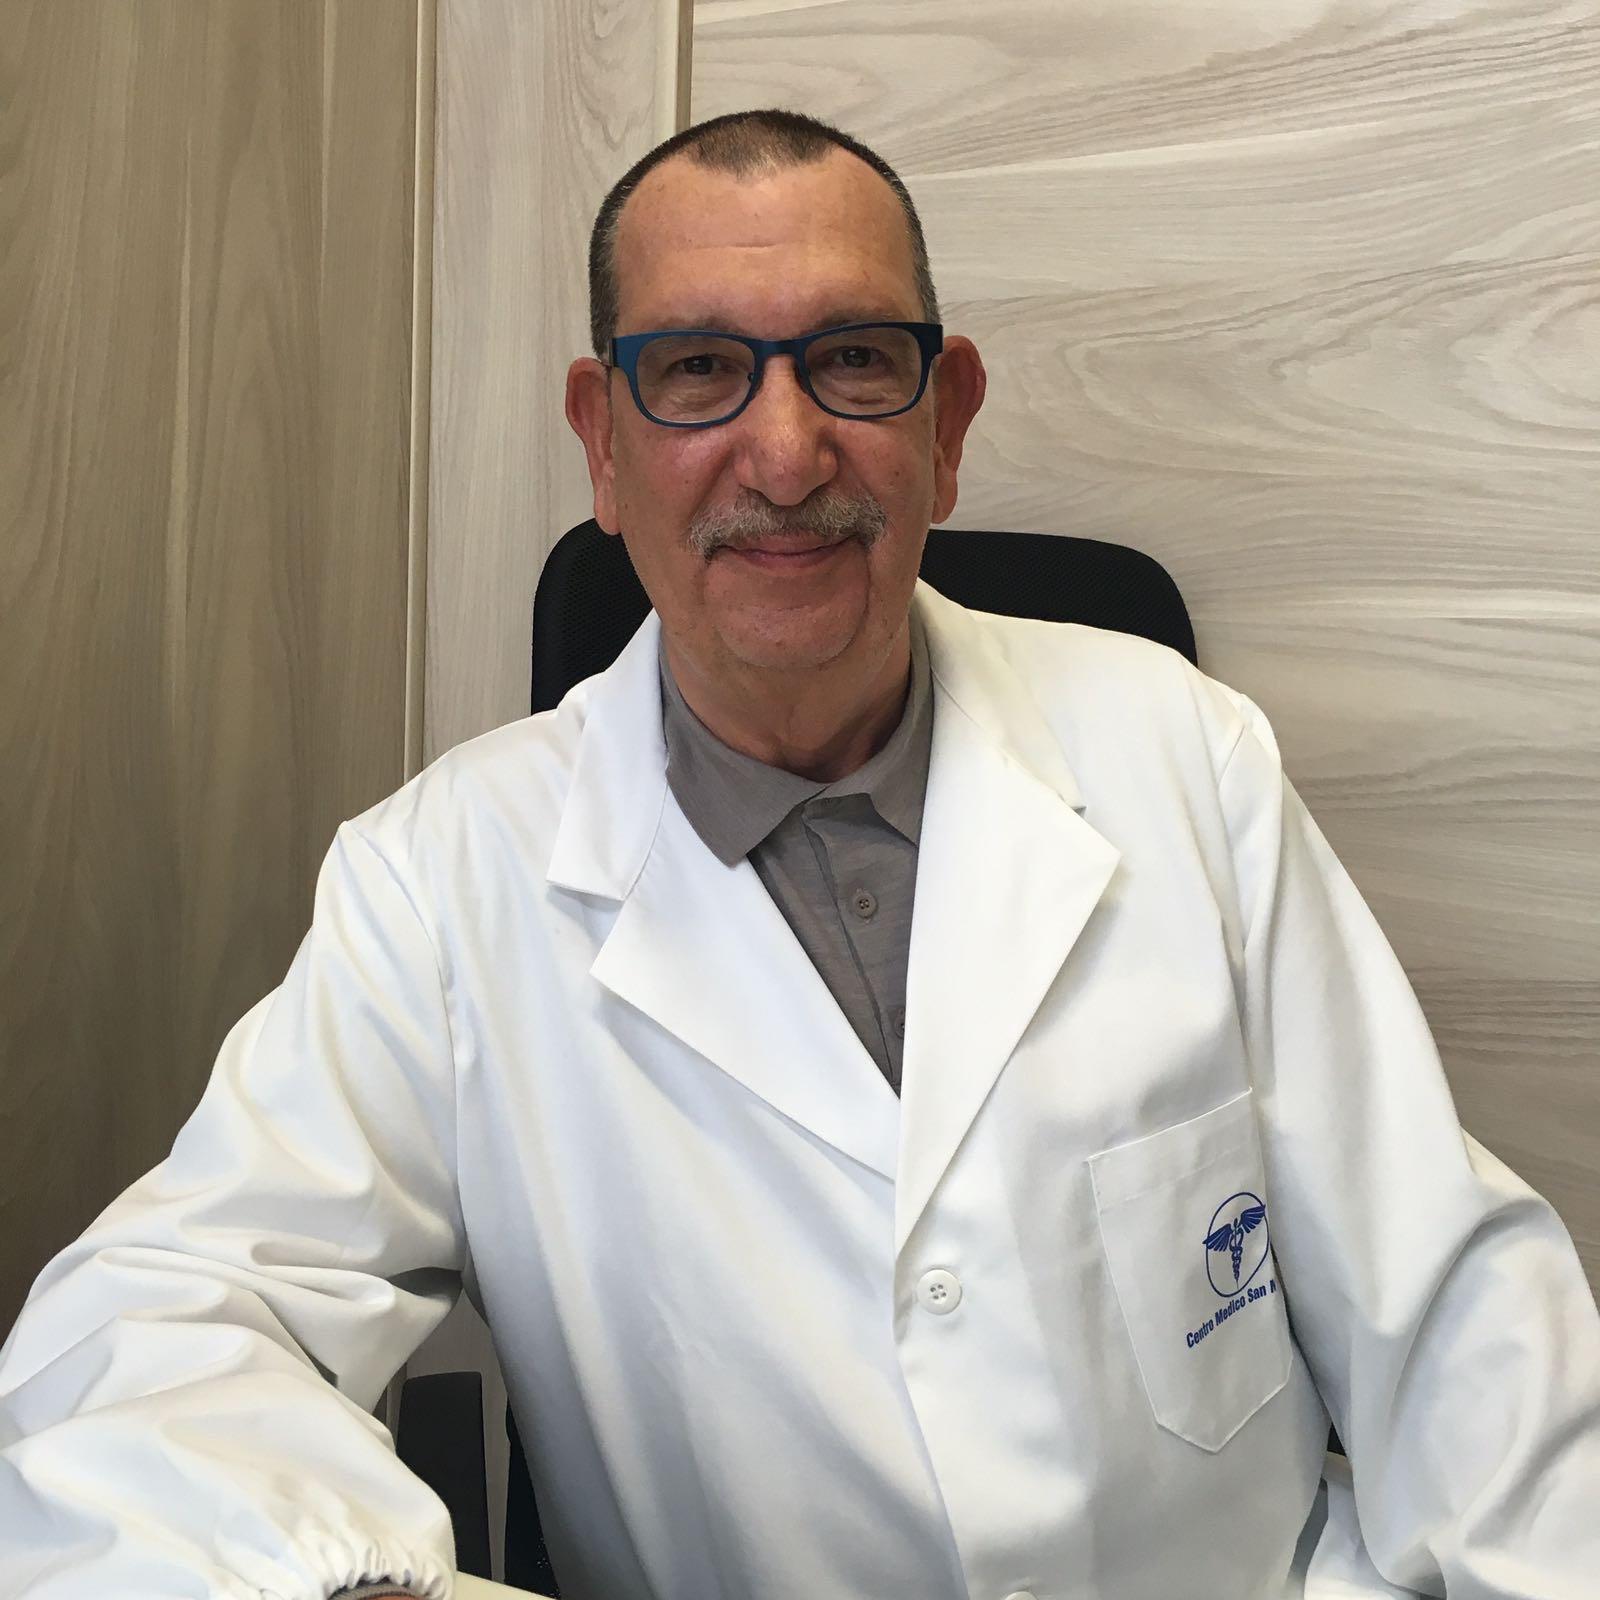 dottore a parma specializzato in prostatite